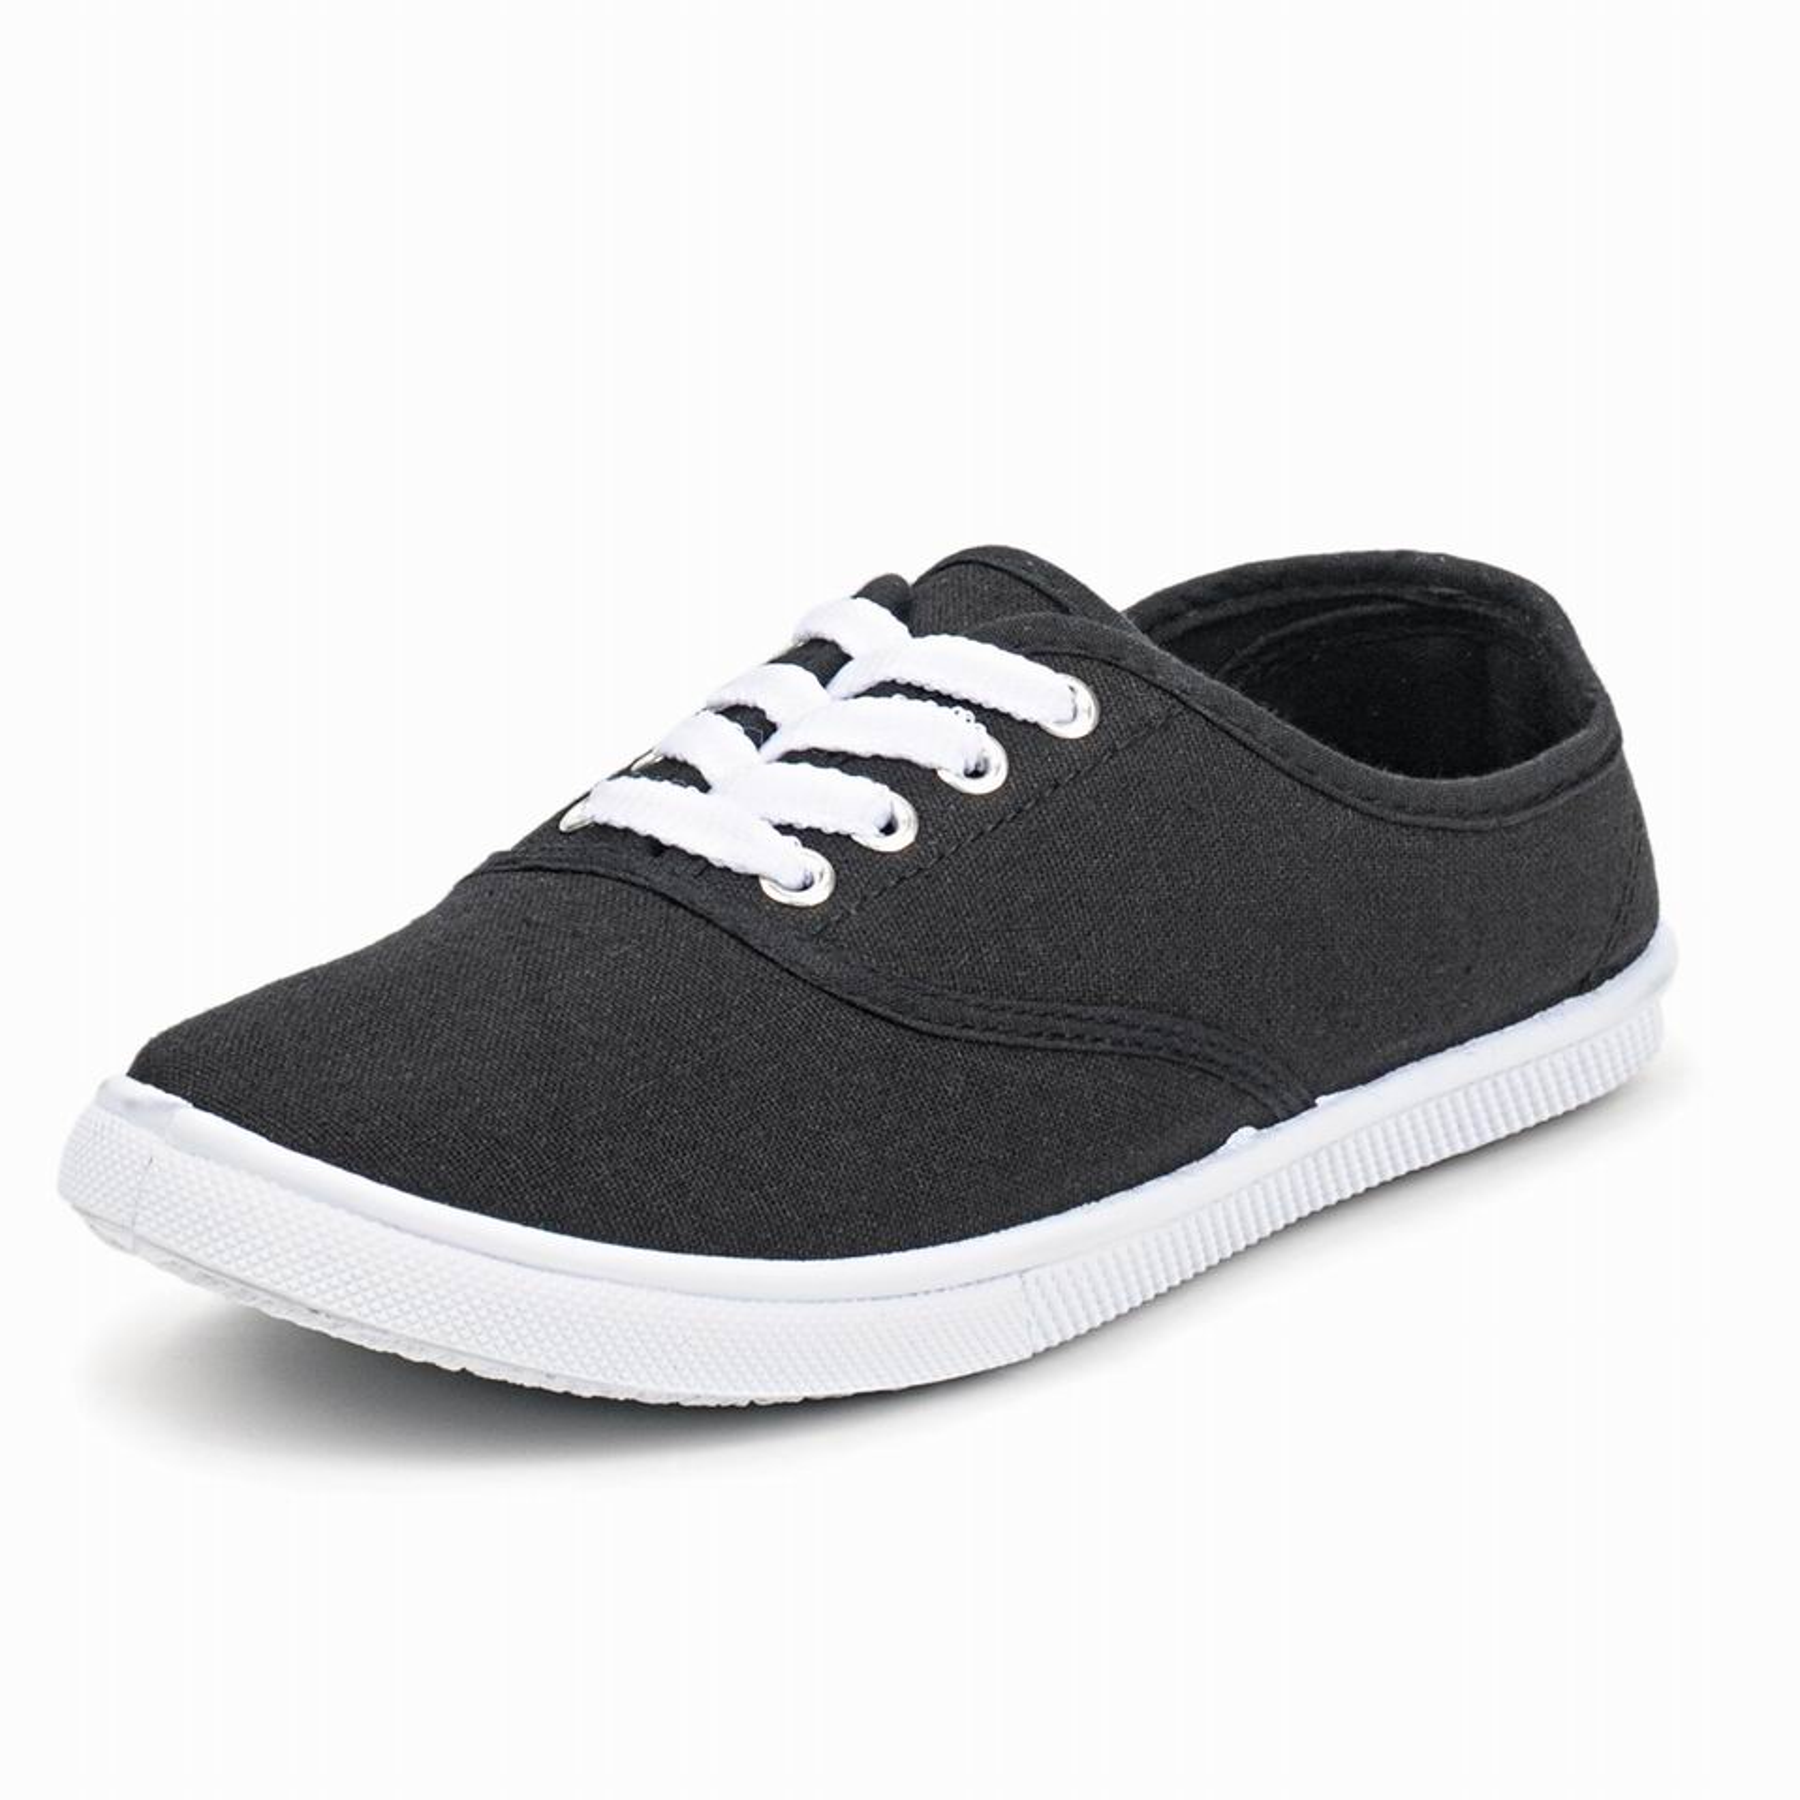 Обувь женская Trien  LGC 9102 черная текстиль р. 39 АКЦИЯ!